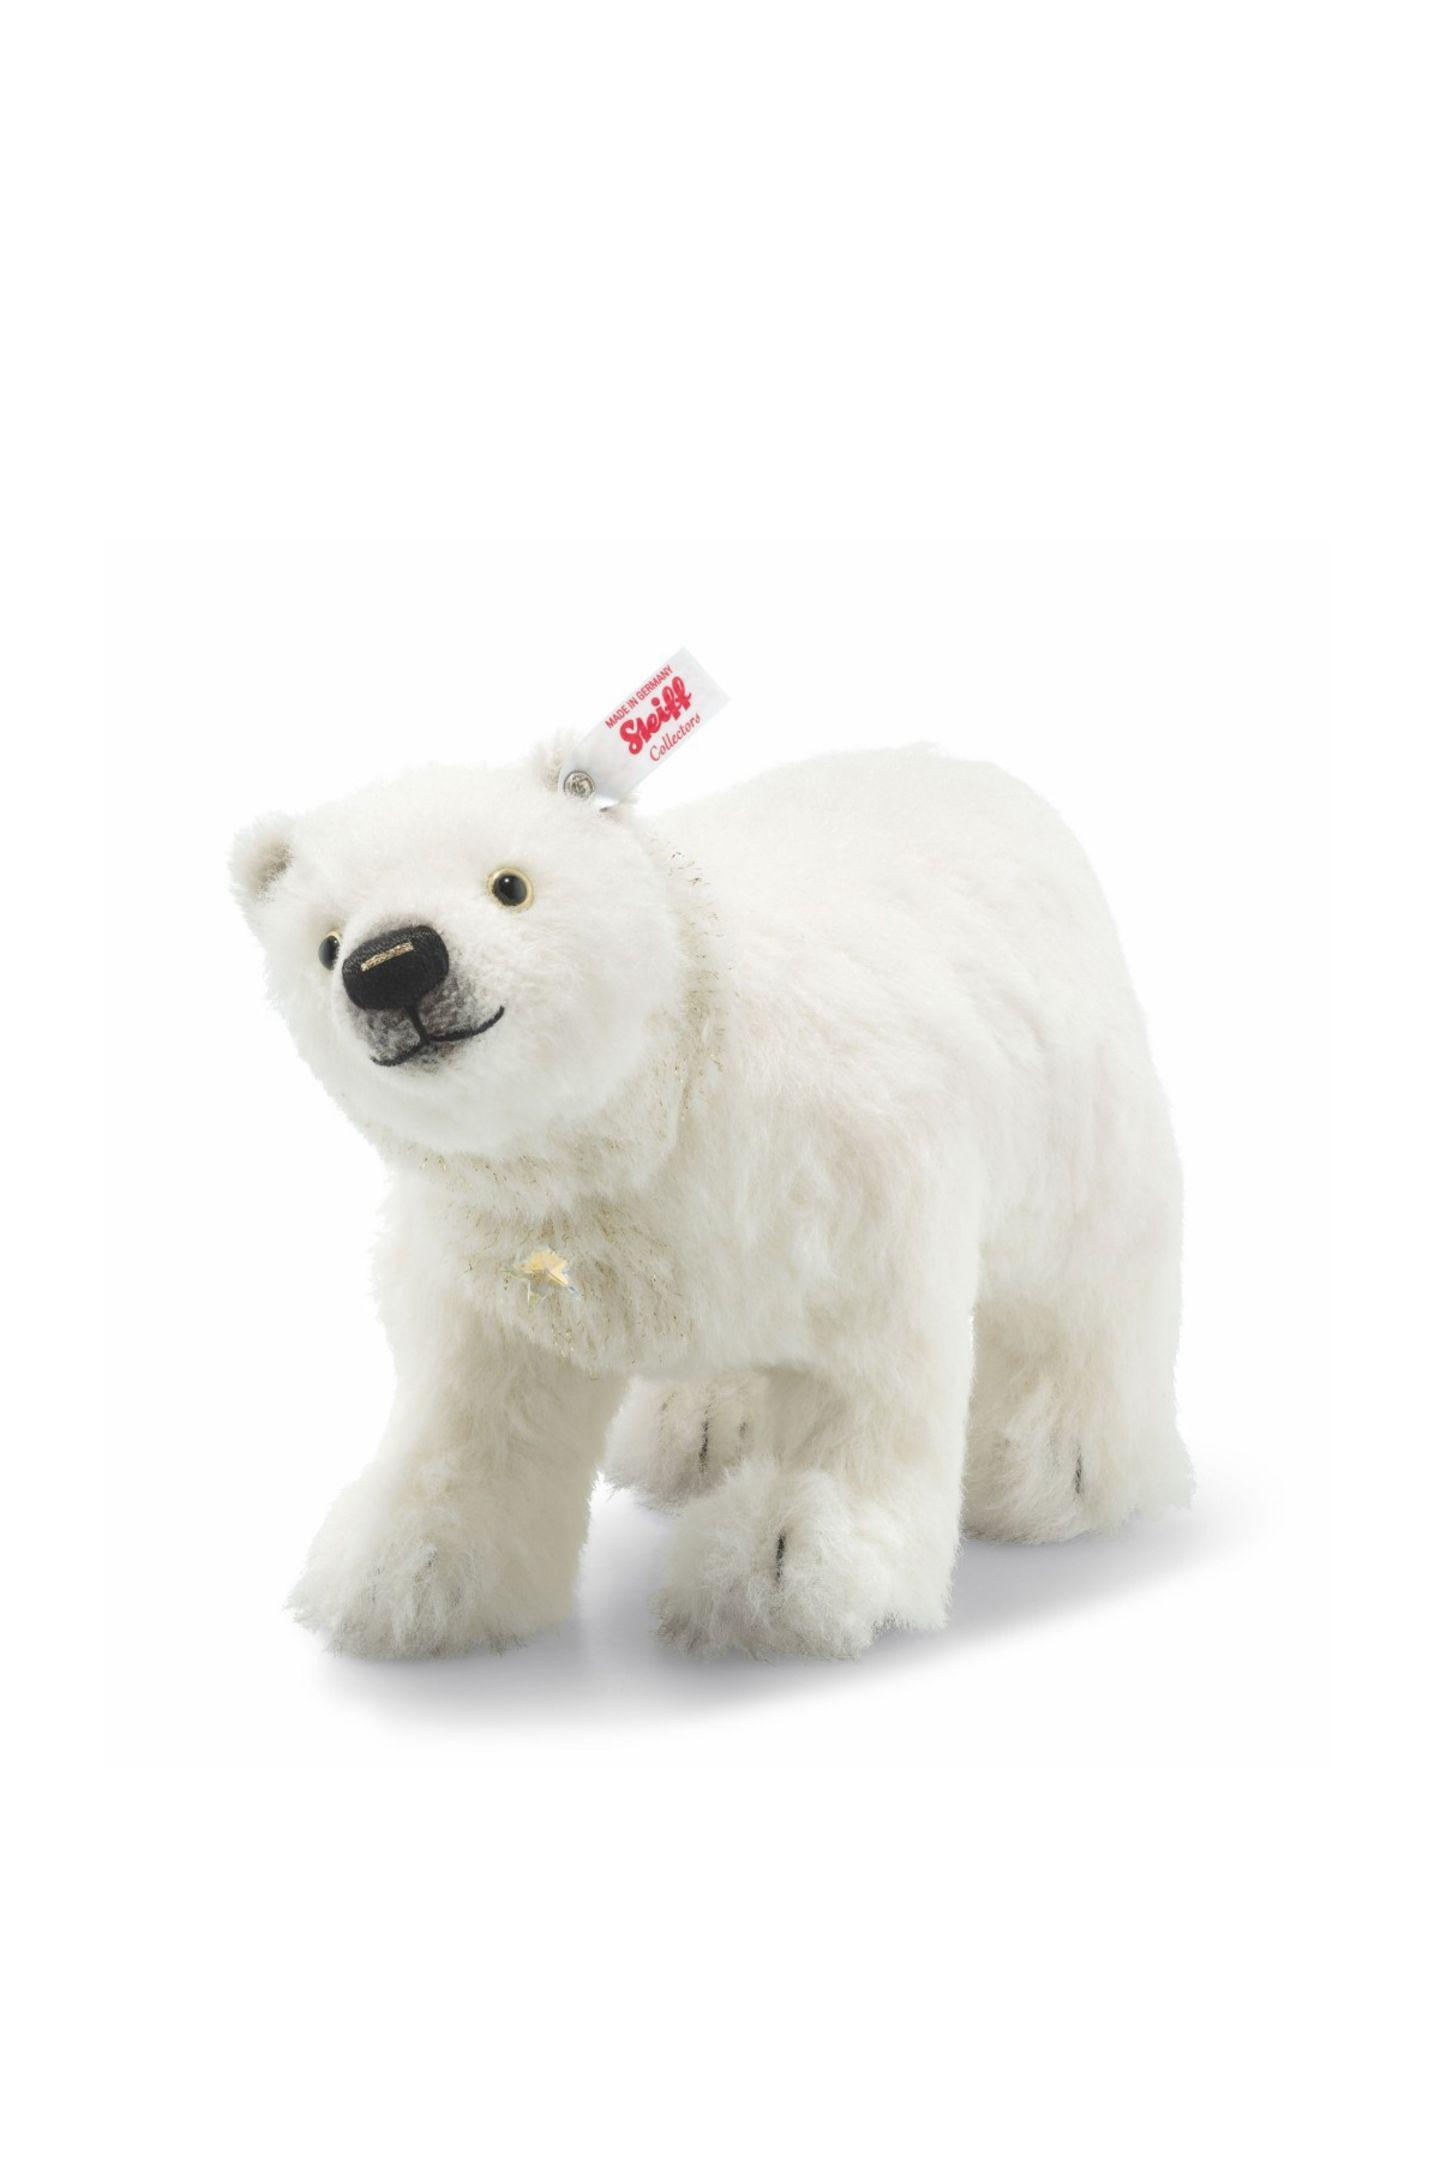 """(H)eiß geliebter FreundFür große und kleine Sammlersind die perfektgearbeiteten Kuscheltiere treue Begleiter. Die neue, streng limitierte Weihnachtskollektion beschert uns viele weitere Lieblinge.""""Polarbär"""" von Steiff, ca. 270 Euro"""